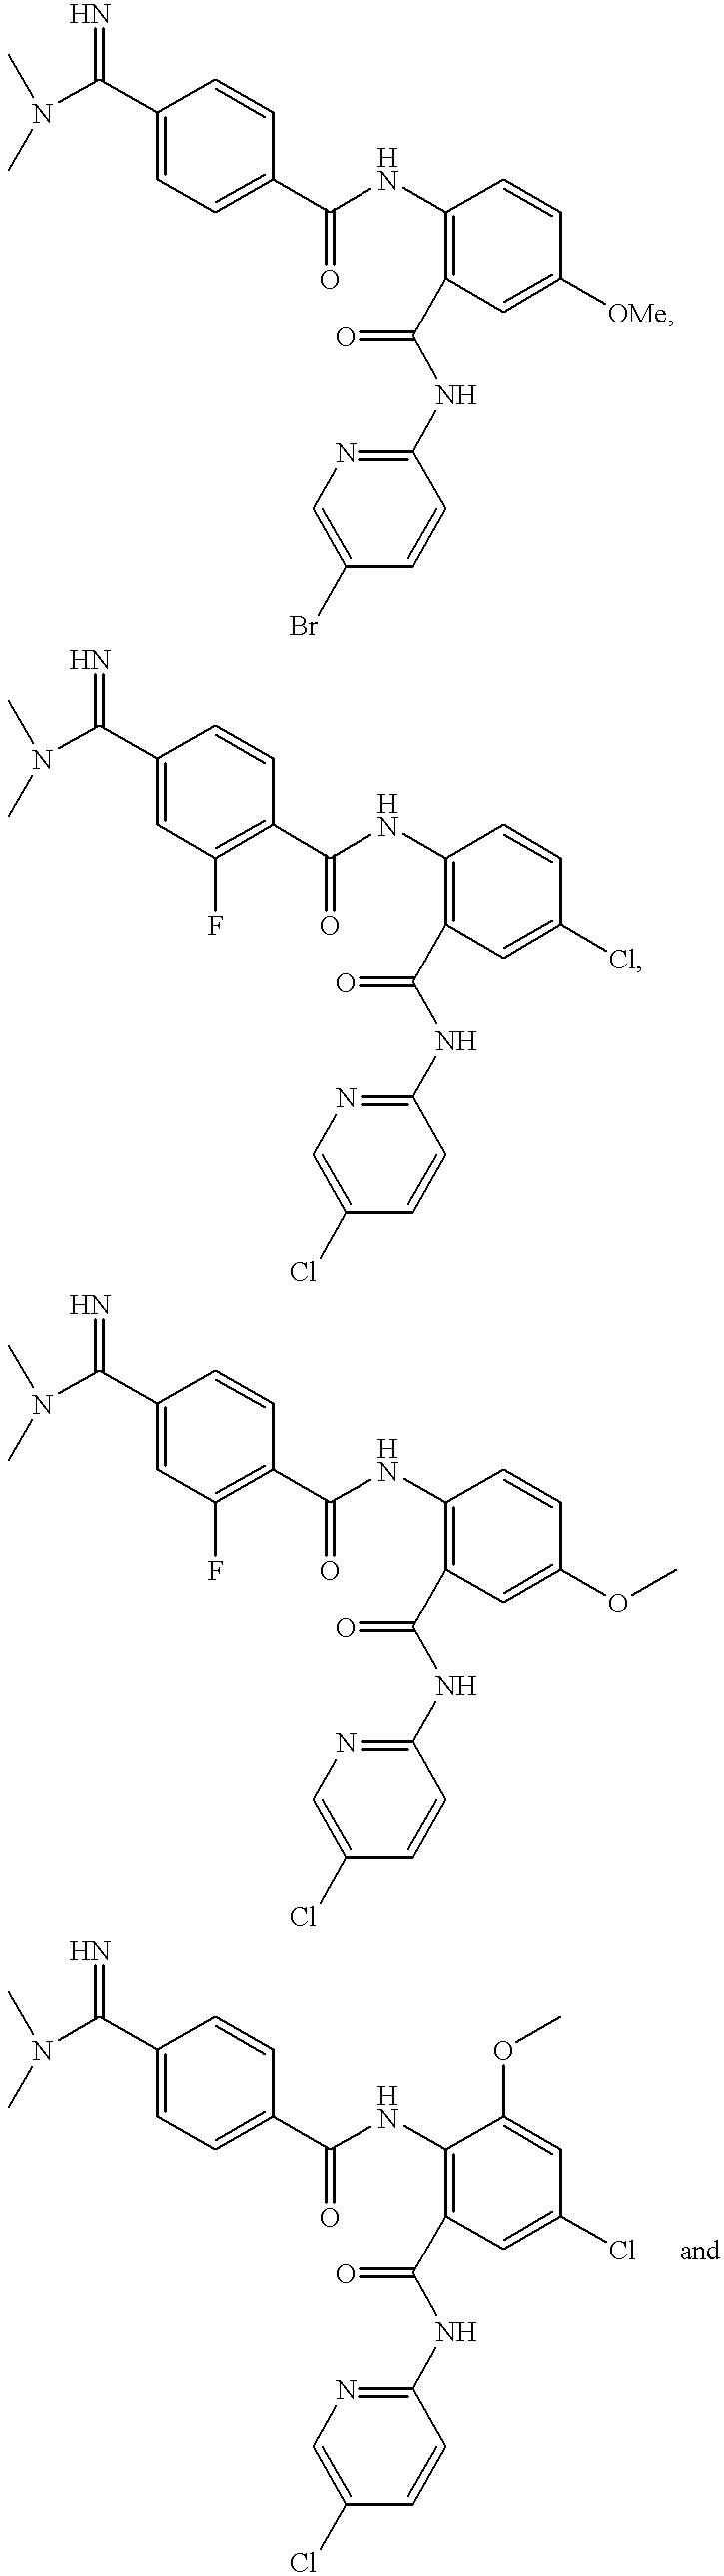 Figure US06376515-20020423-C00048